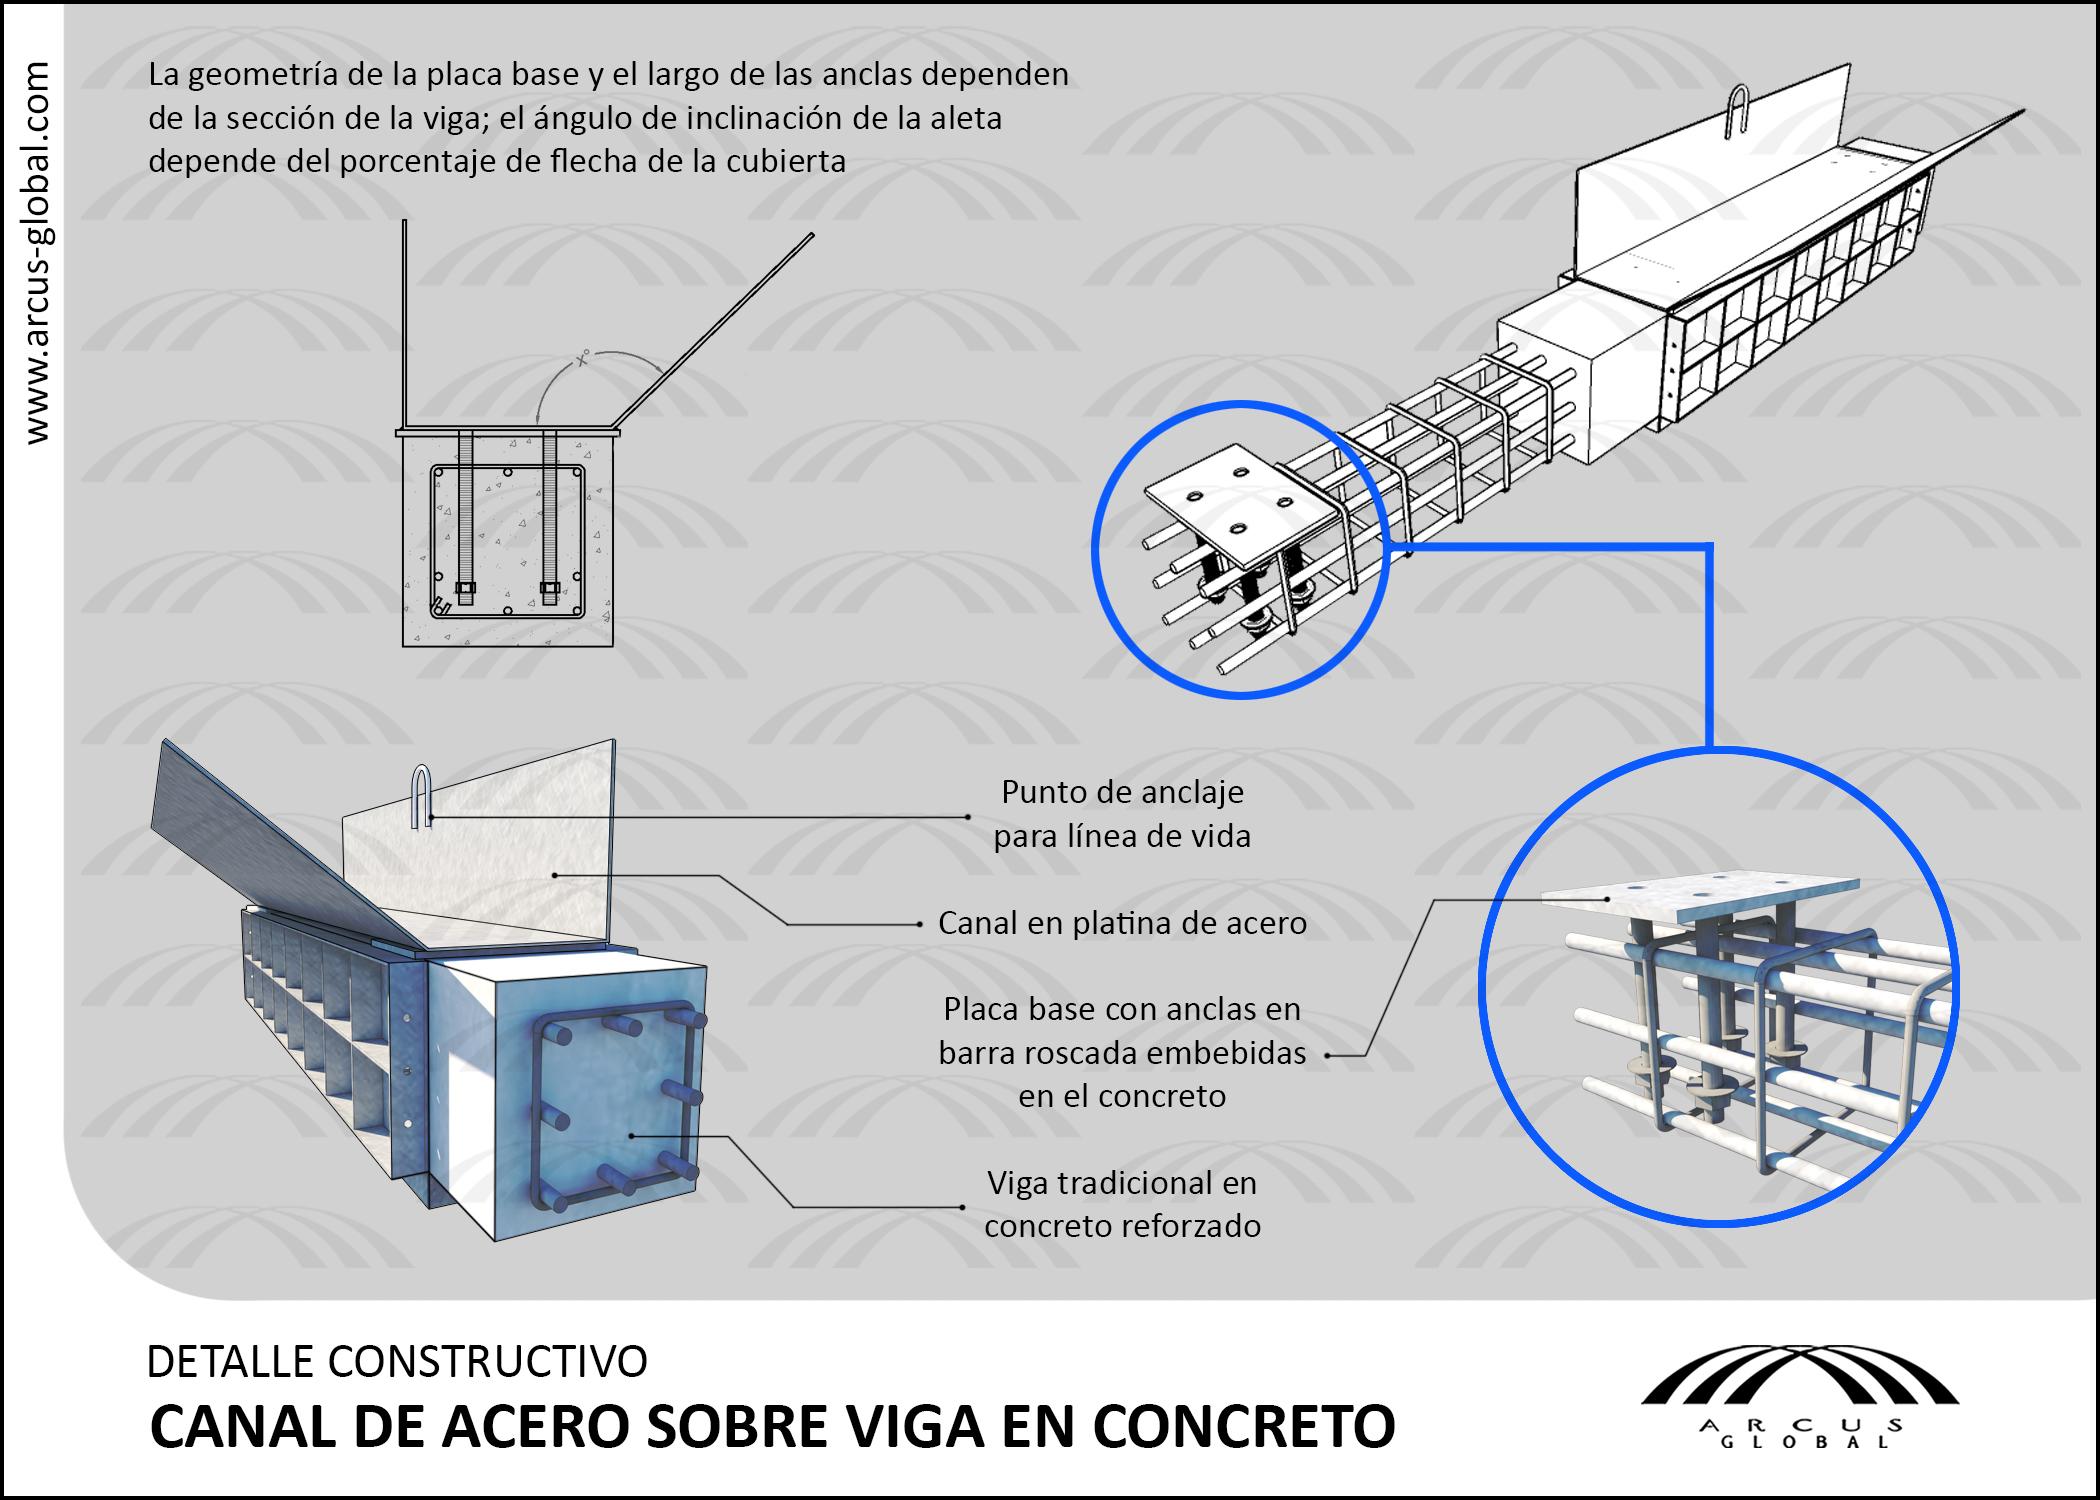 Ficha técnica: Canal de Acero sobre viga en Concreto